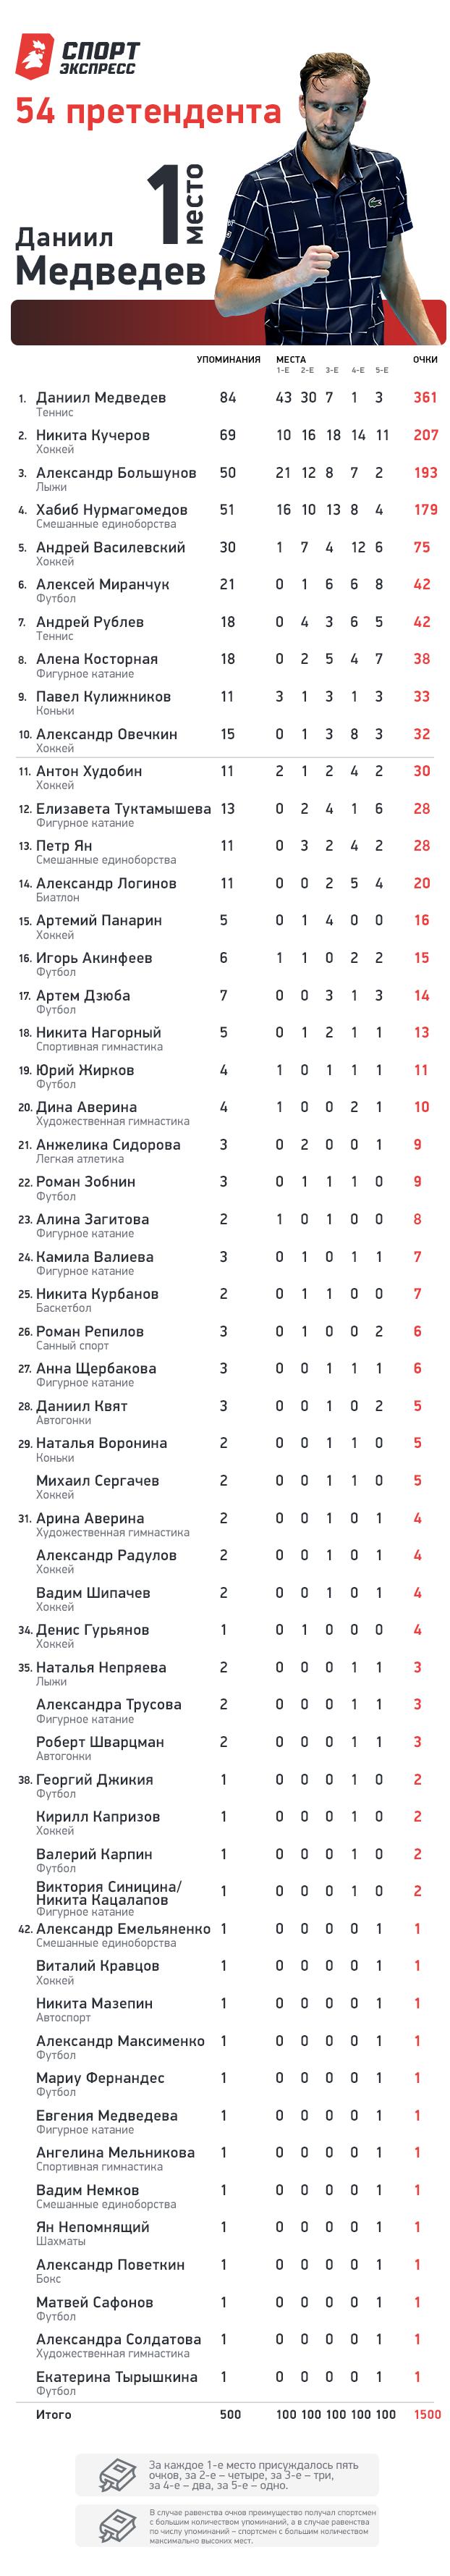 Лучший спортсмен России-2020.